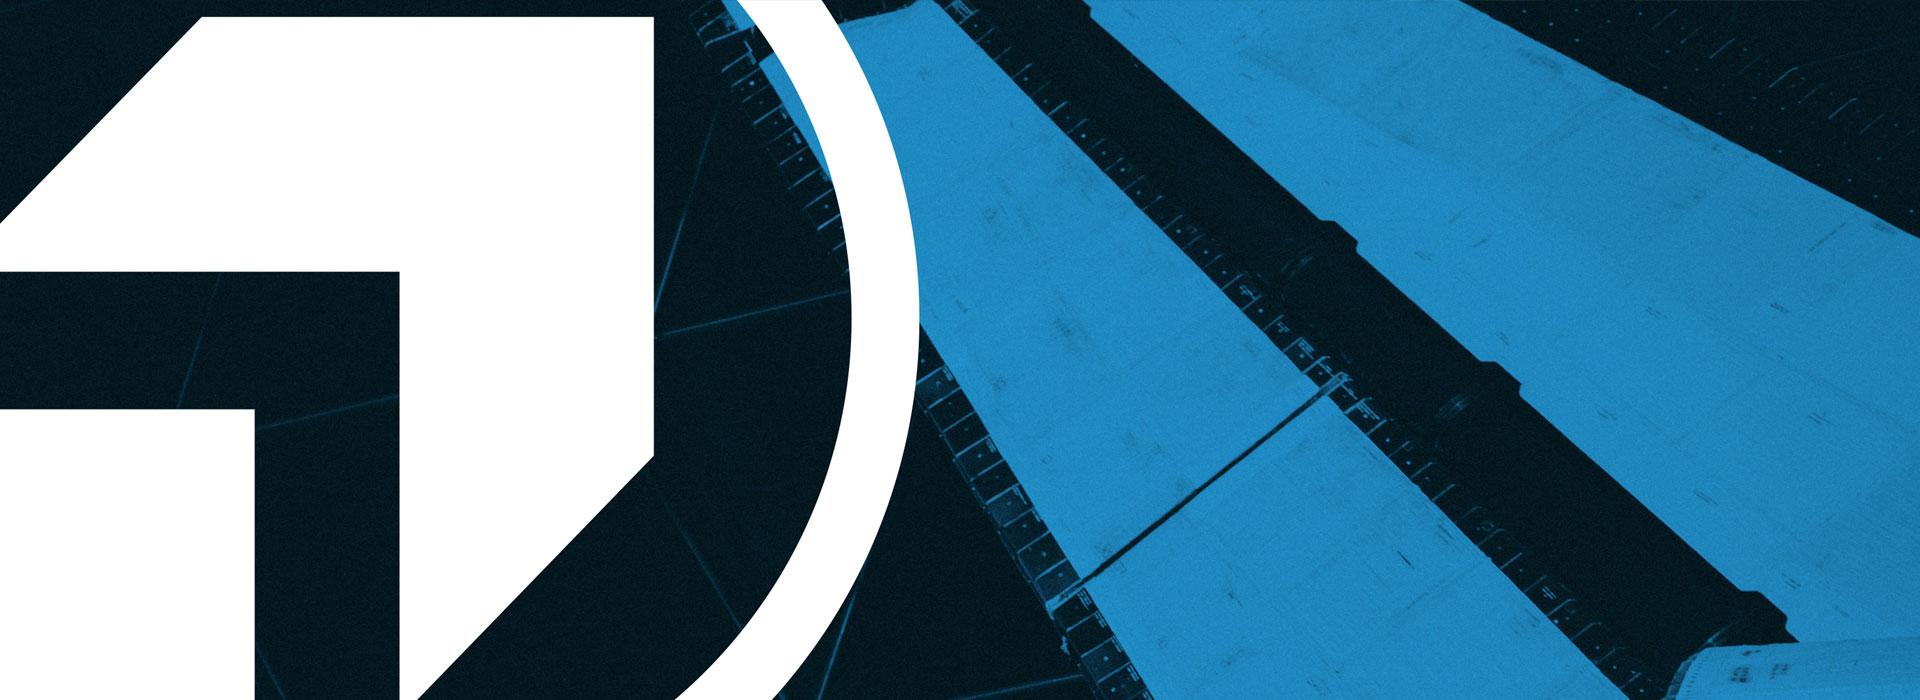 SHiFT - Branding, Identity Design, Logo Design